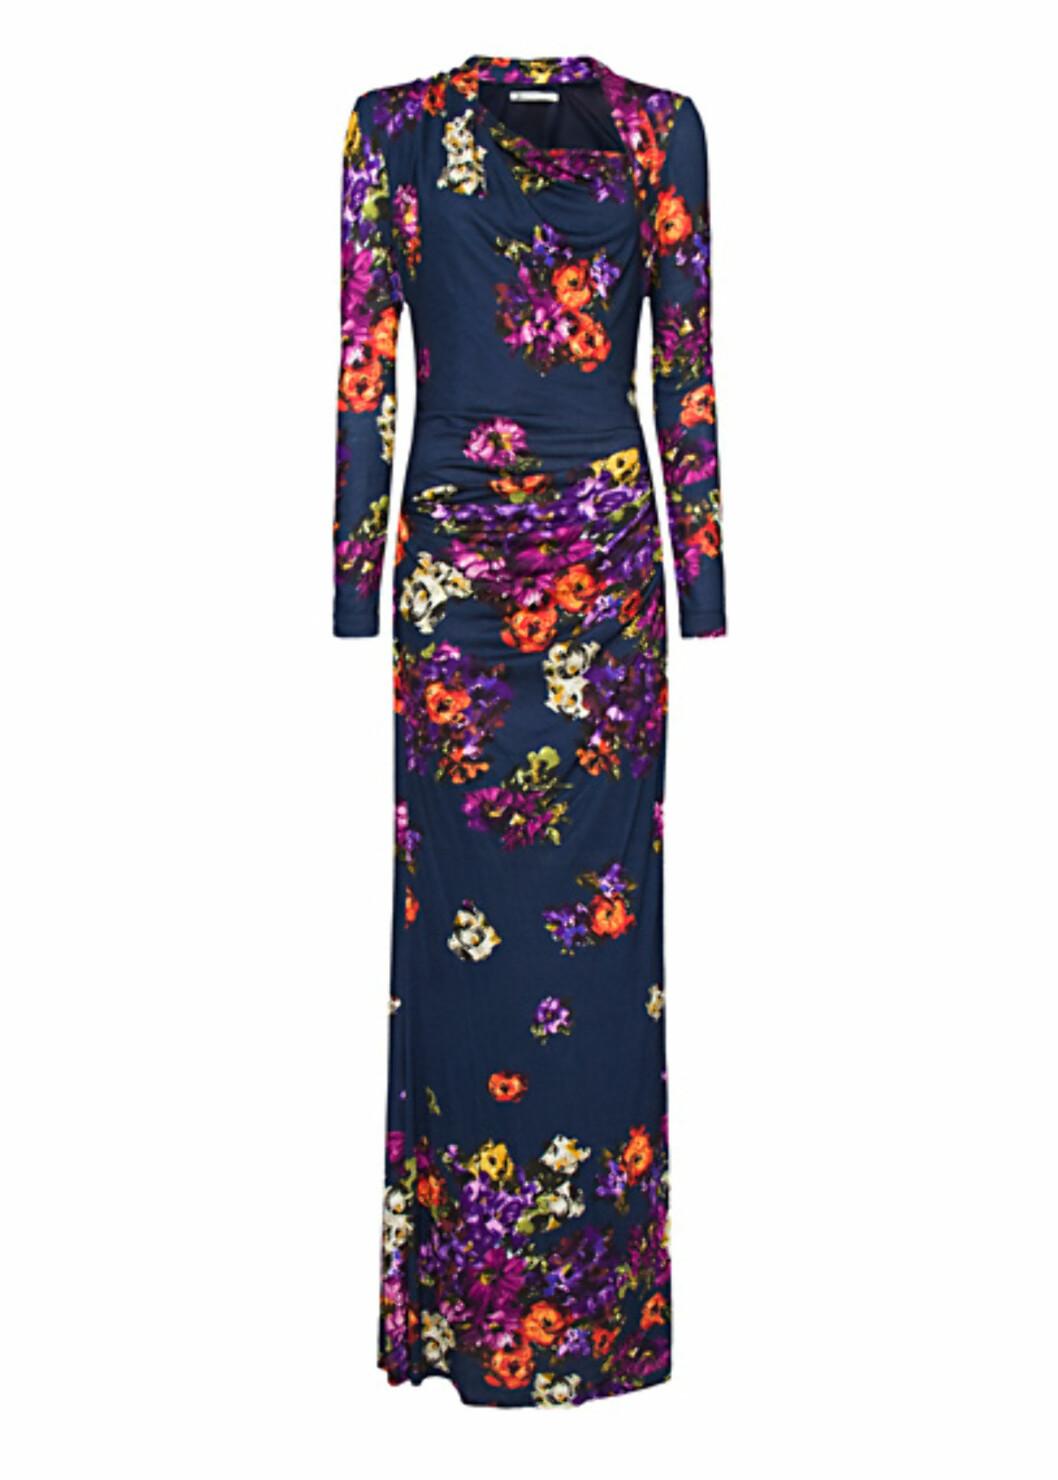 Fotsid, ettersittende kjole med drapering og skråskskjæring ved halsen (kr 799/Mango). Foto: Produsent